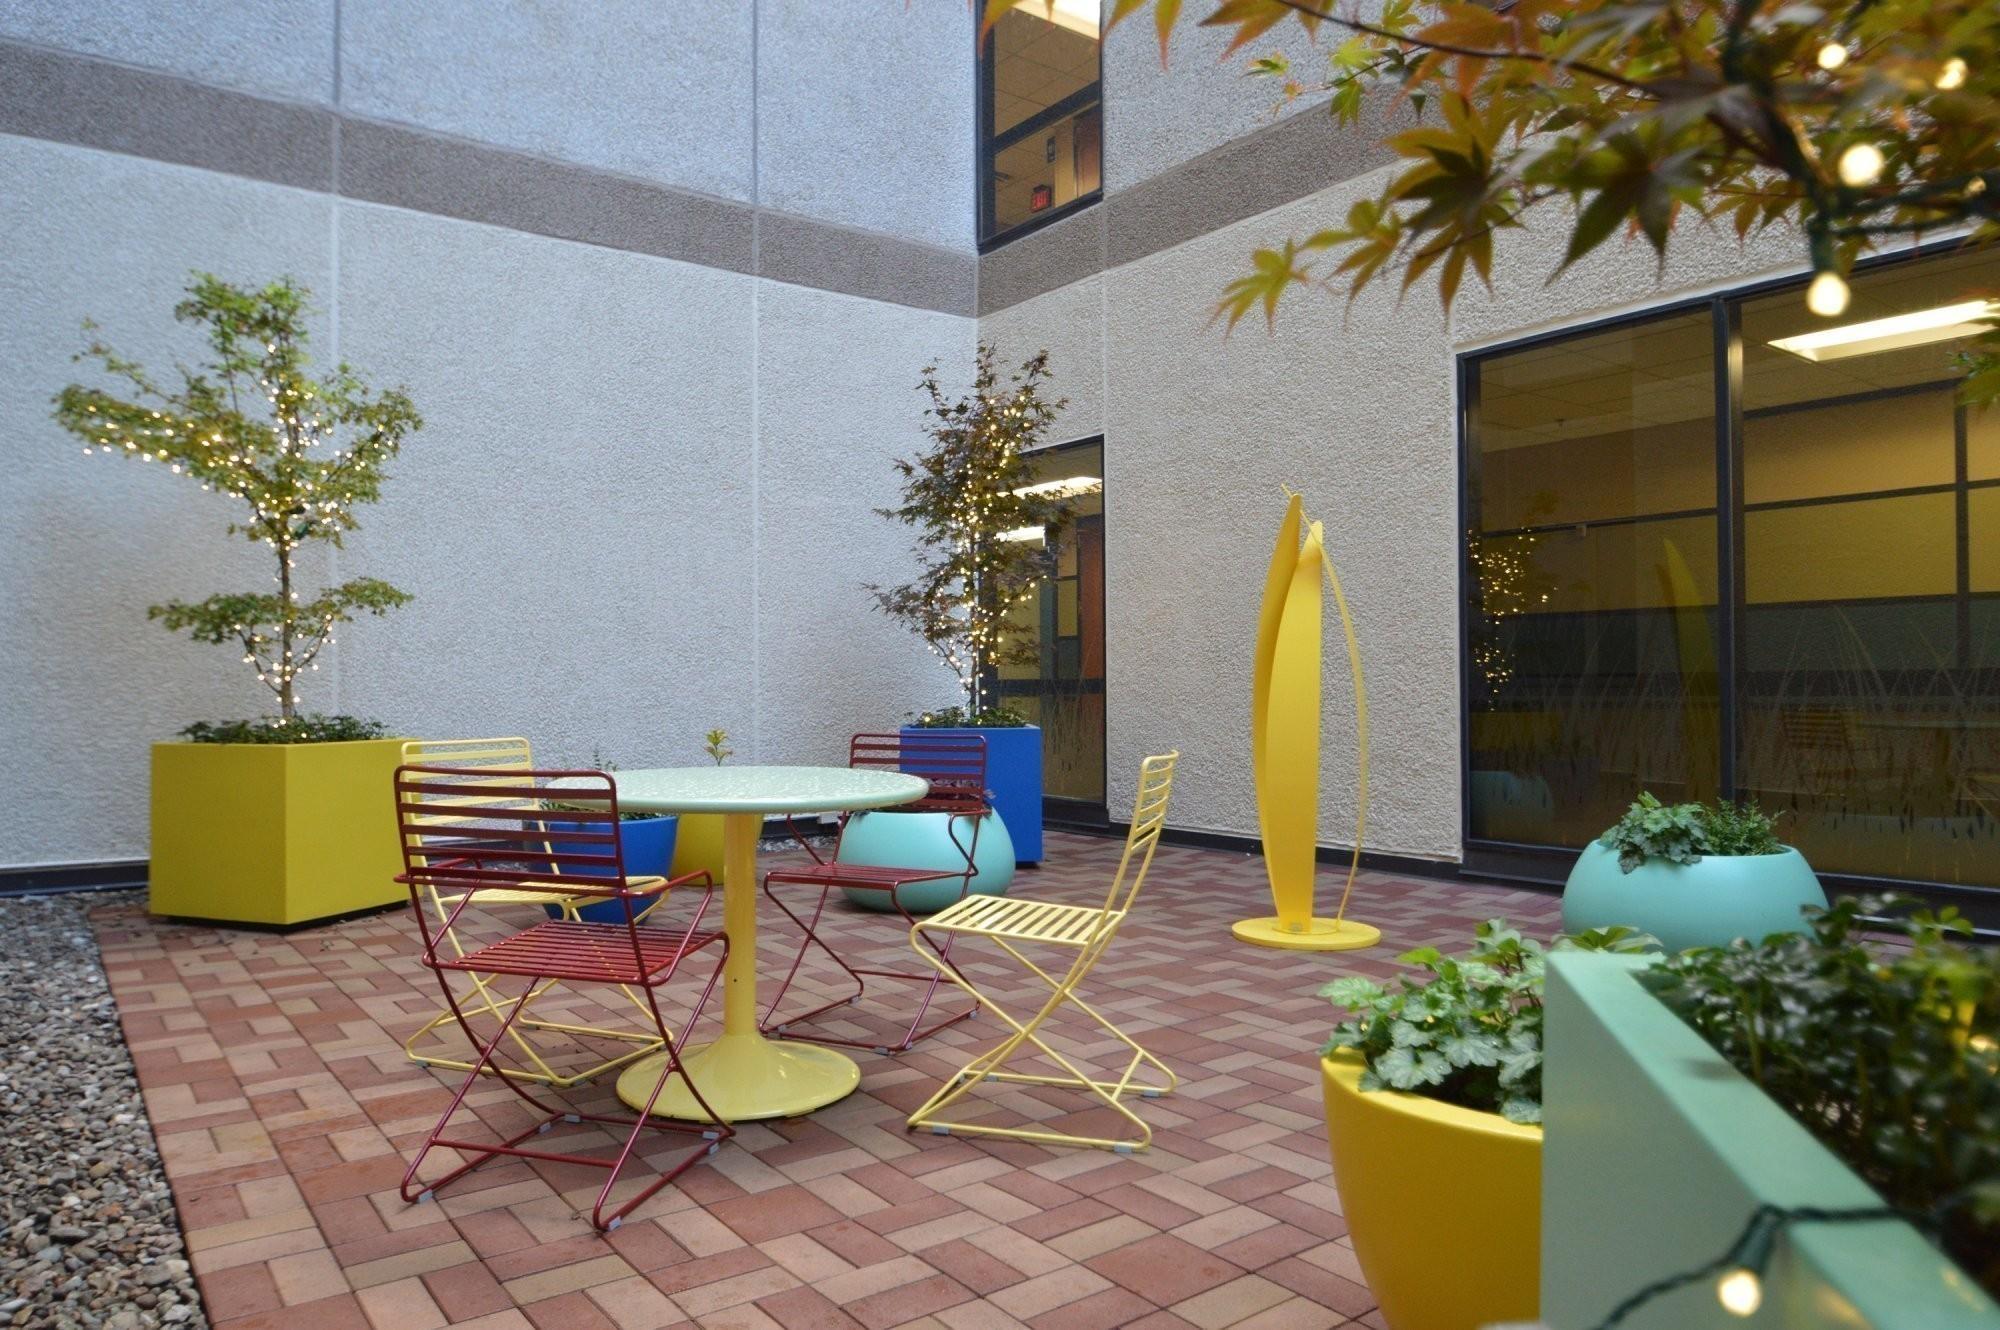 annie's-healing-garden-norton-hospital-landscape-architecture-2